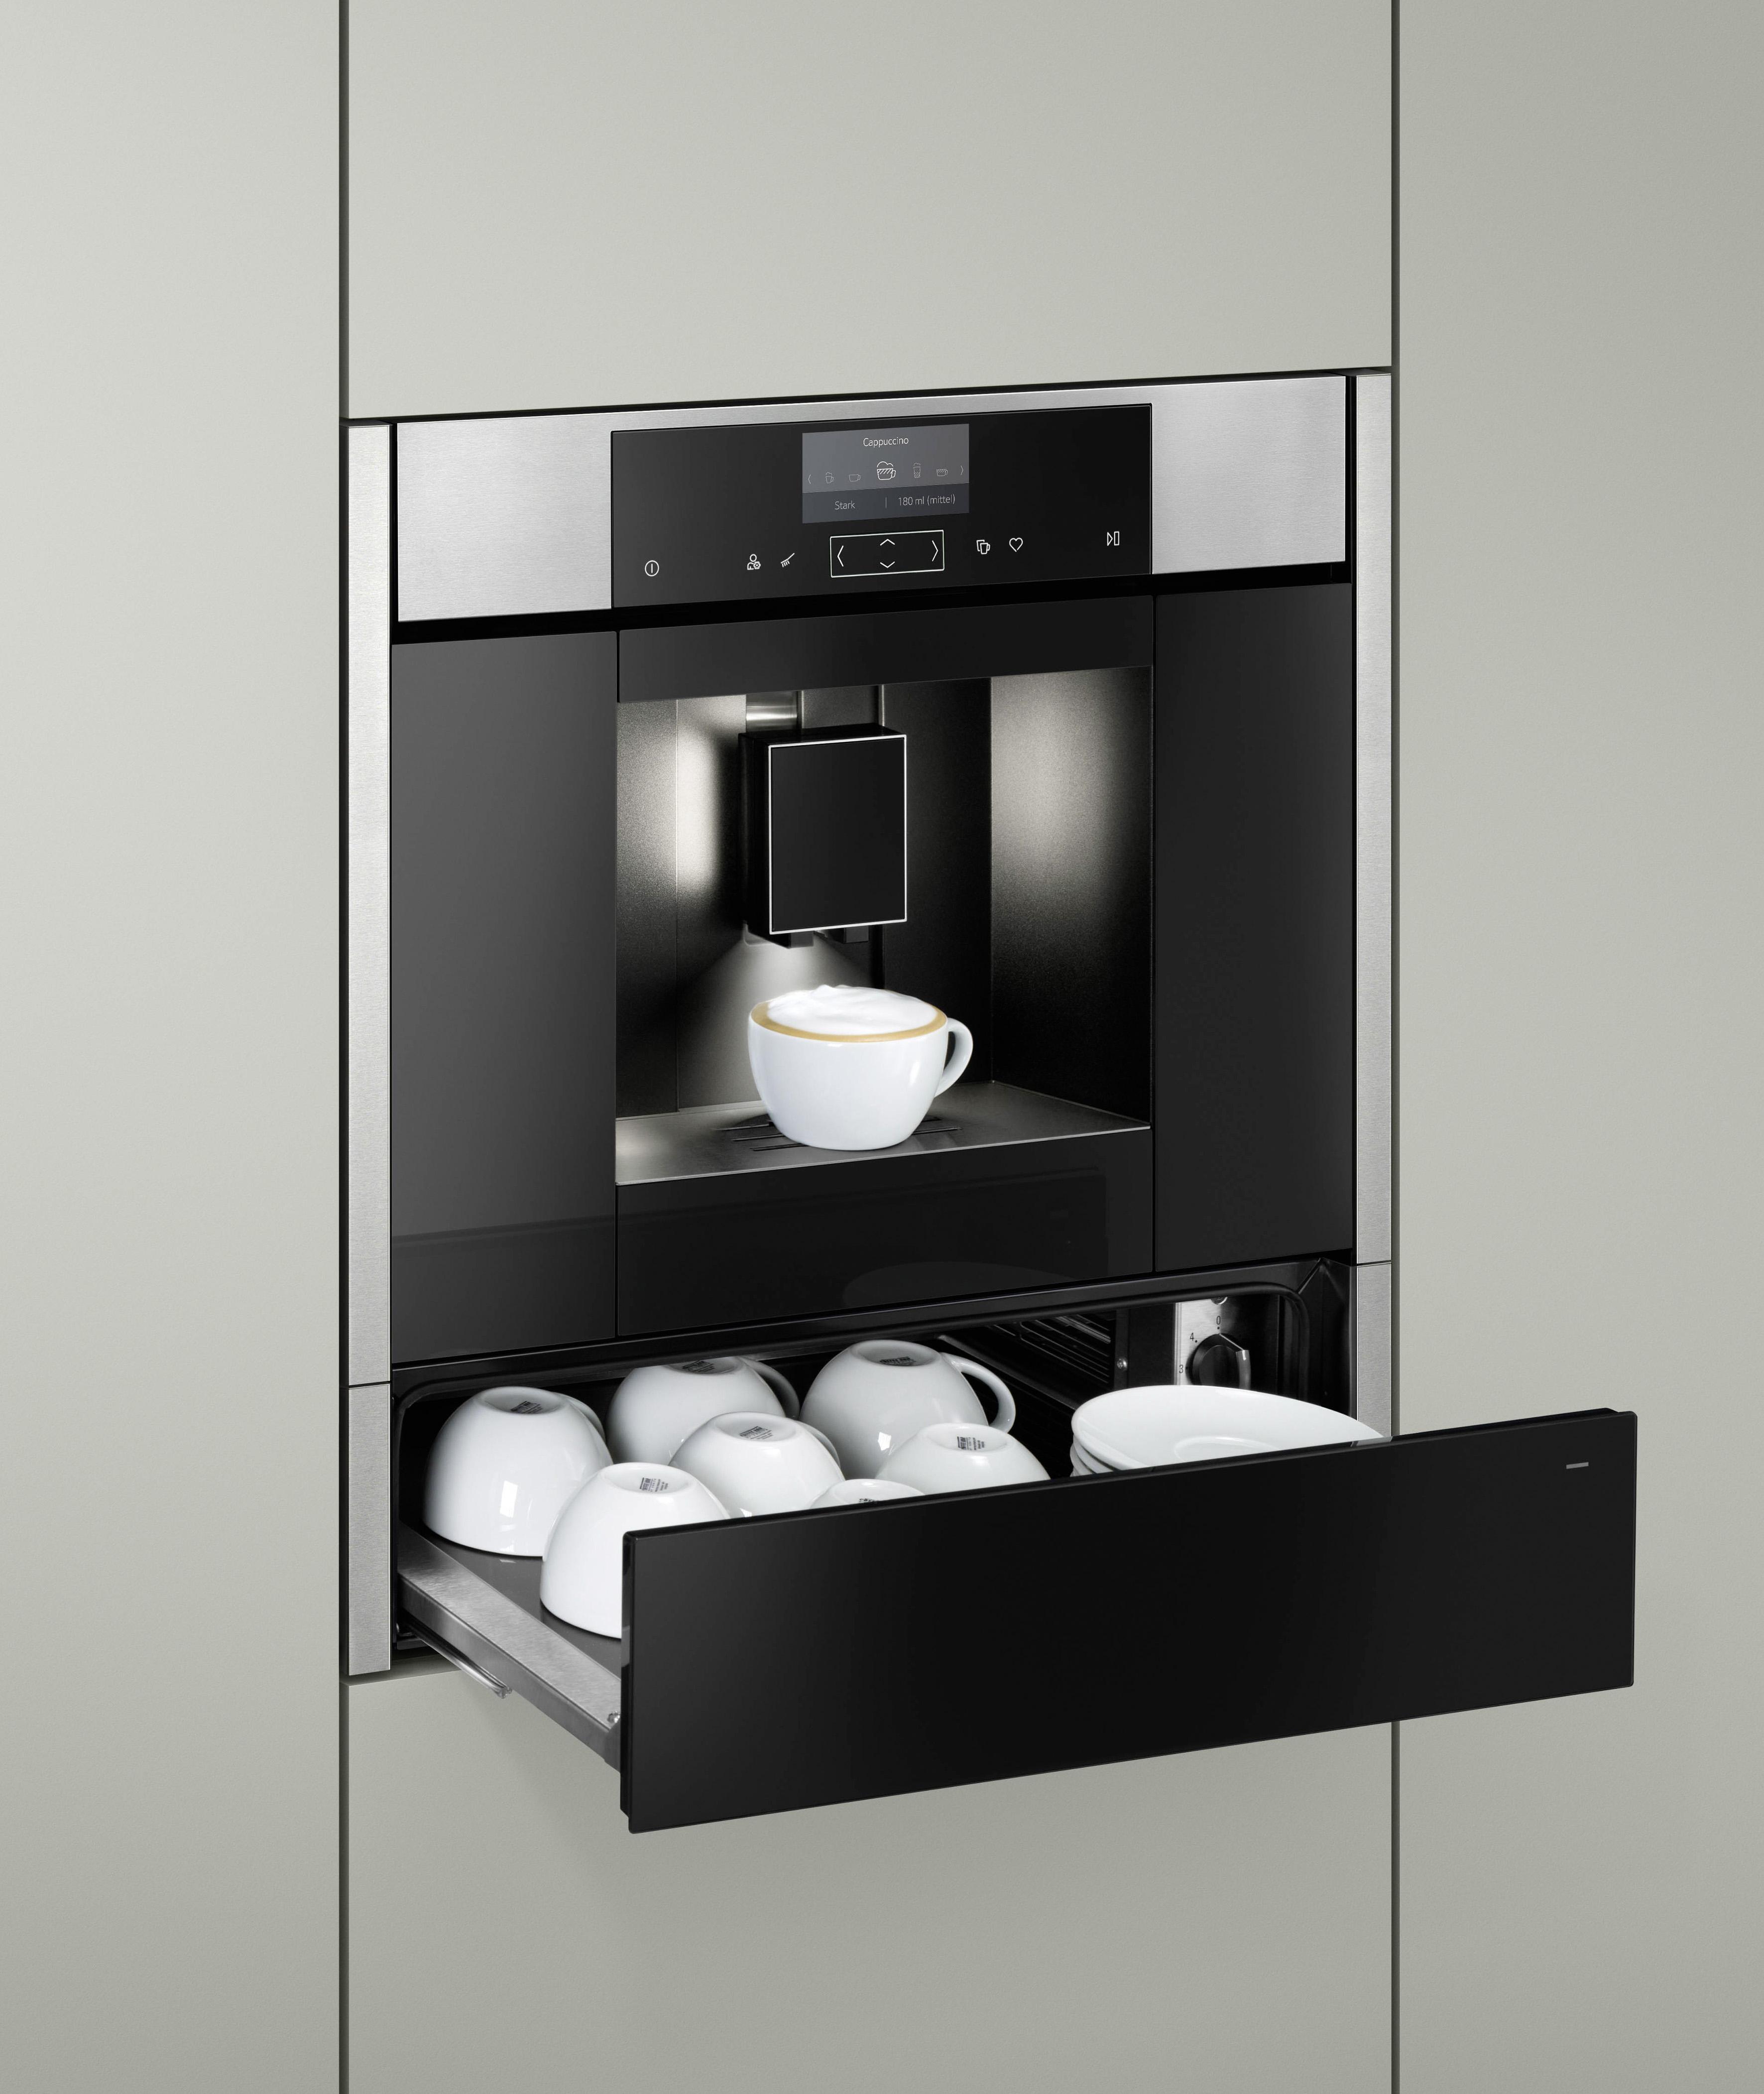 Perfekter Kaffeegenuss in der eigenen Küche AMK